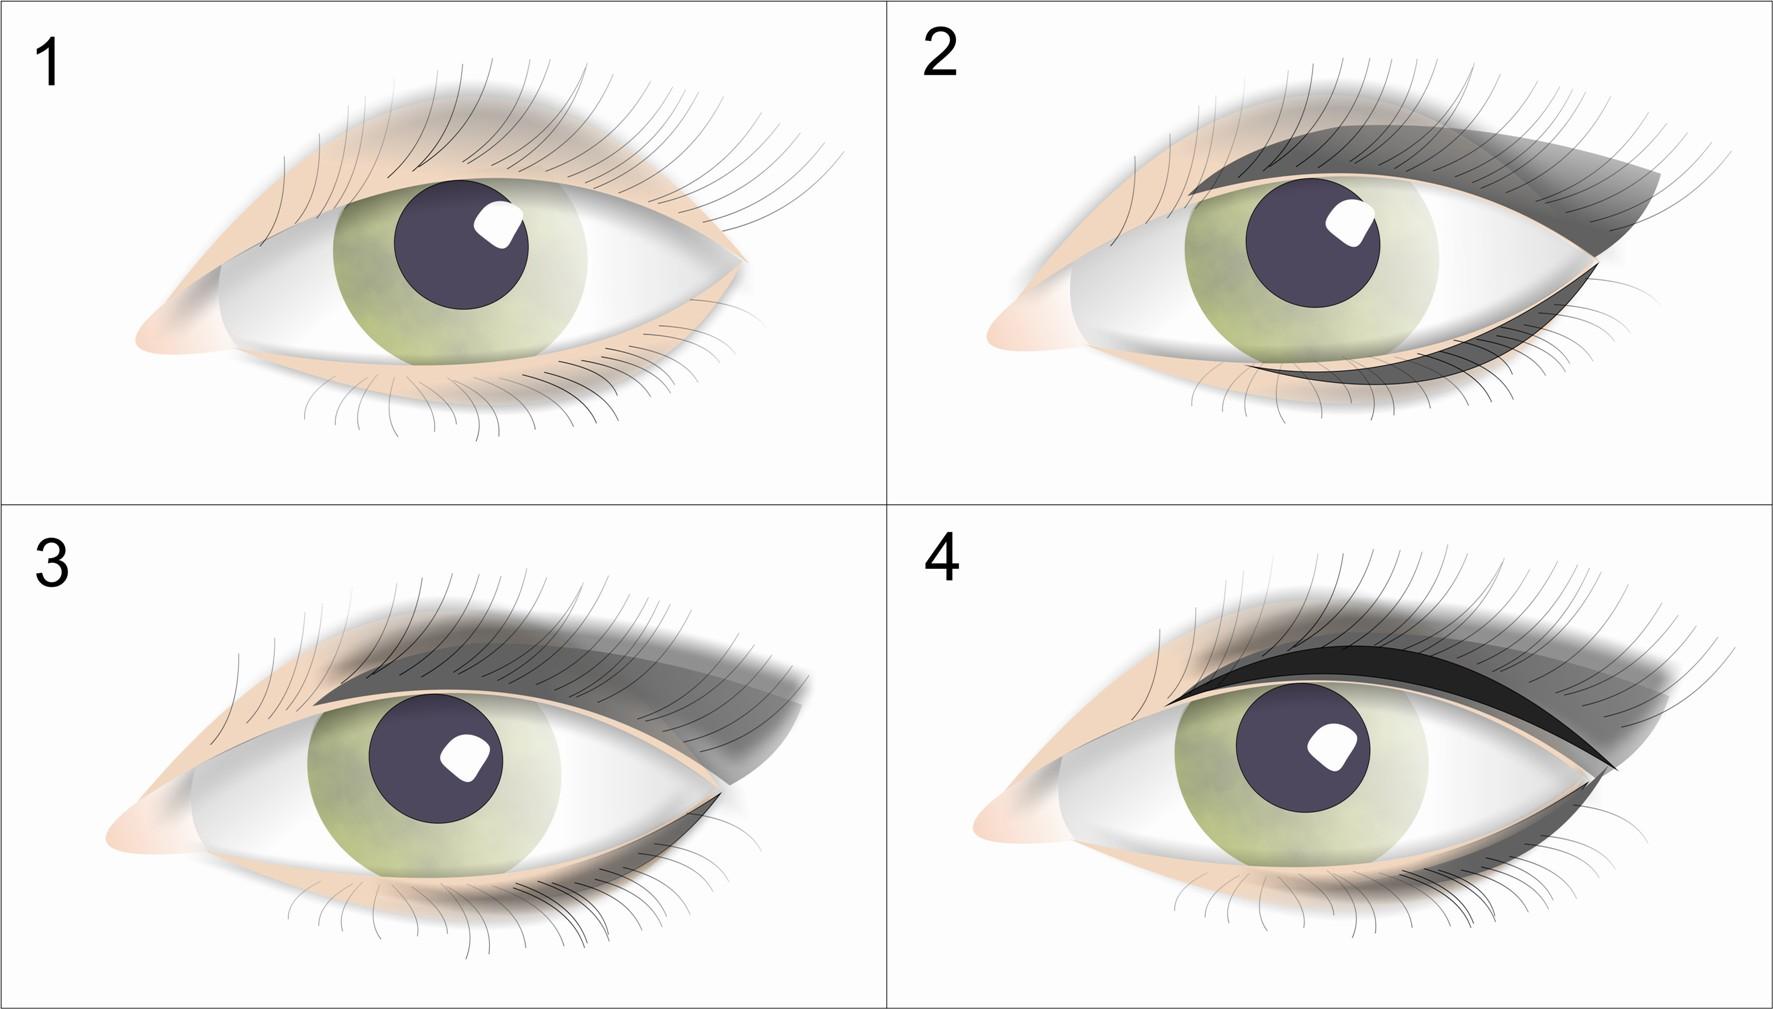 как-сделать-глаза-выразительными-kak-sdelat-glaza-vyrazitelnymi